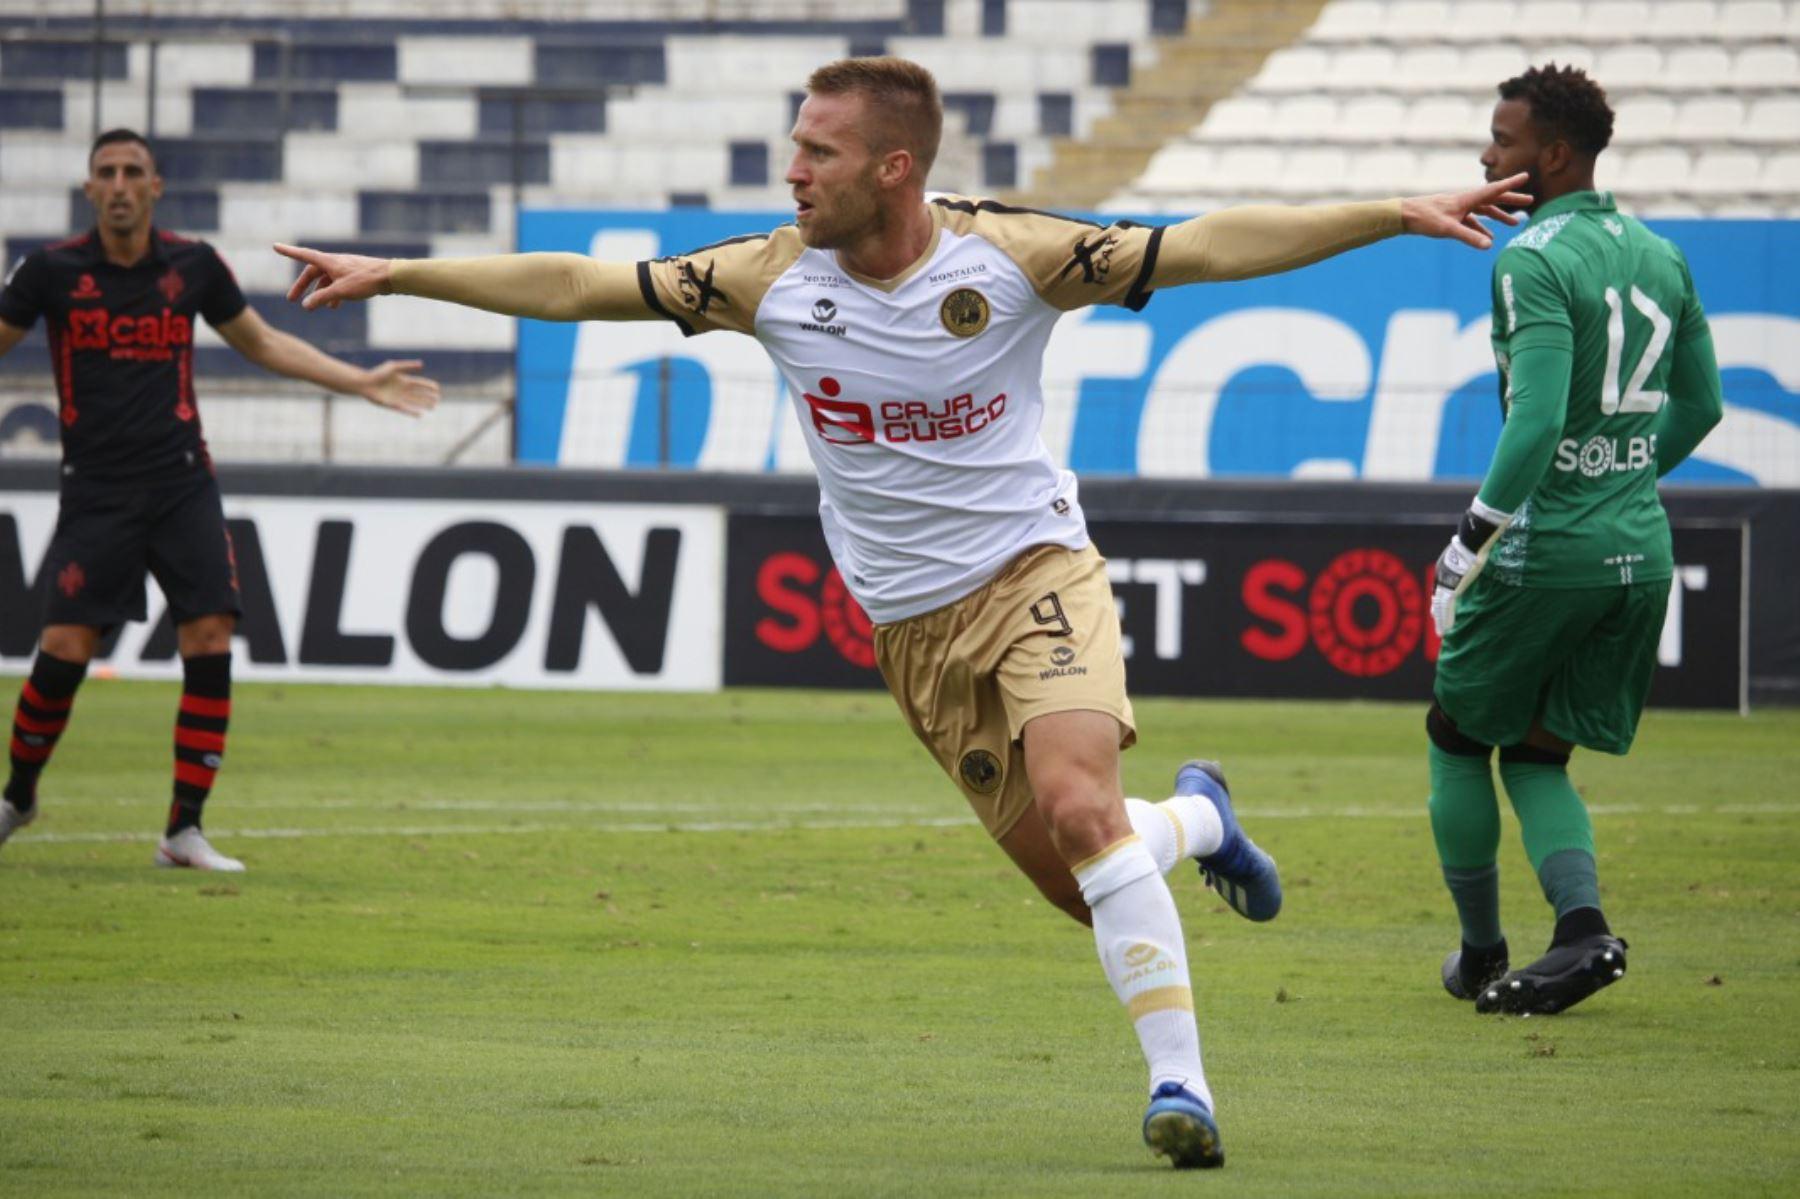 Danilo Carando de Cusco FC celebra luego de anotarle al Melgar de Arequipa por la primera fecha del grupo B de la Liga 1 en el estadio Alejandro Villanueva.  Foto: FPF